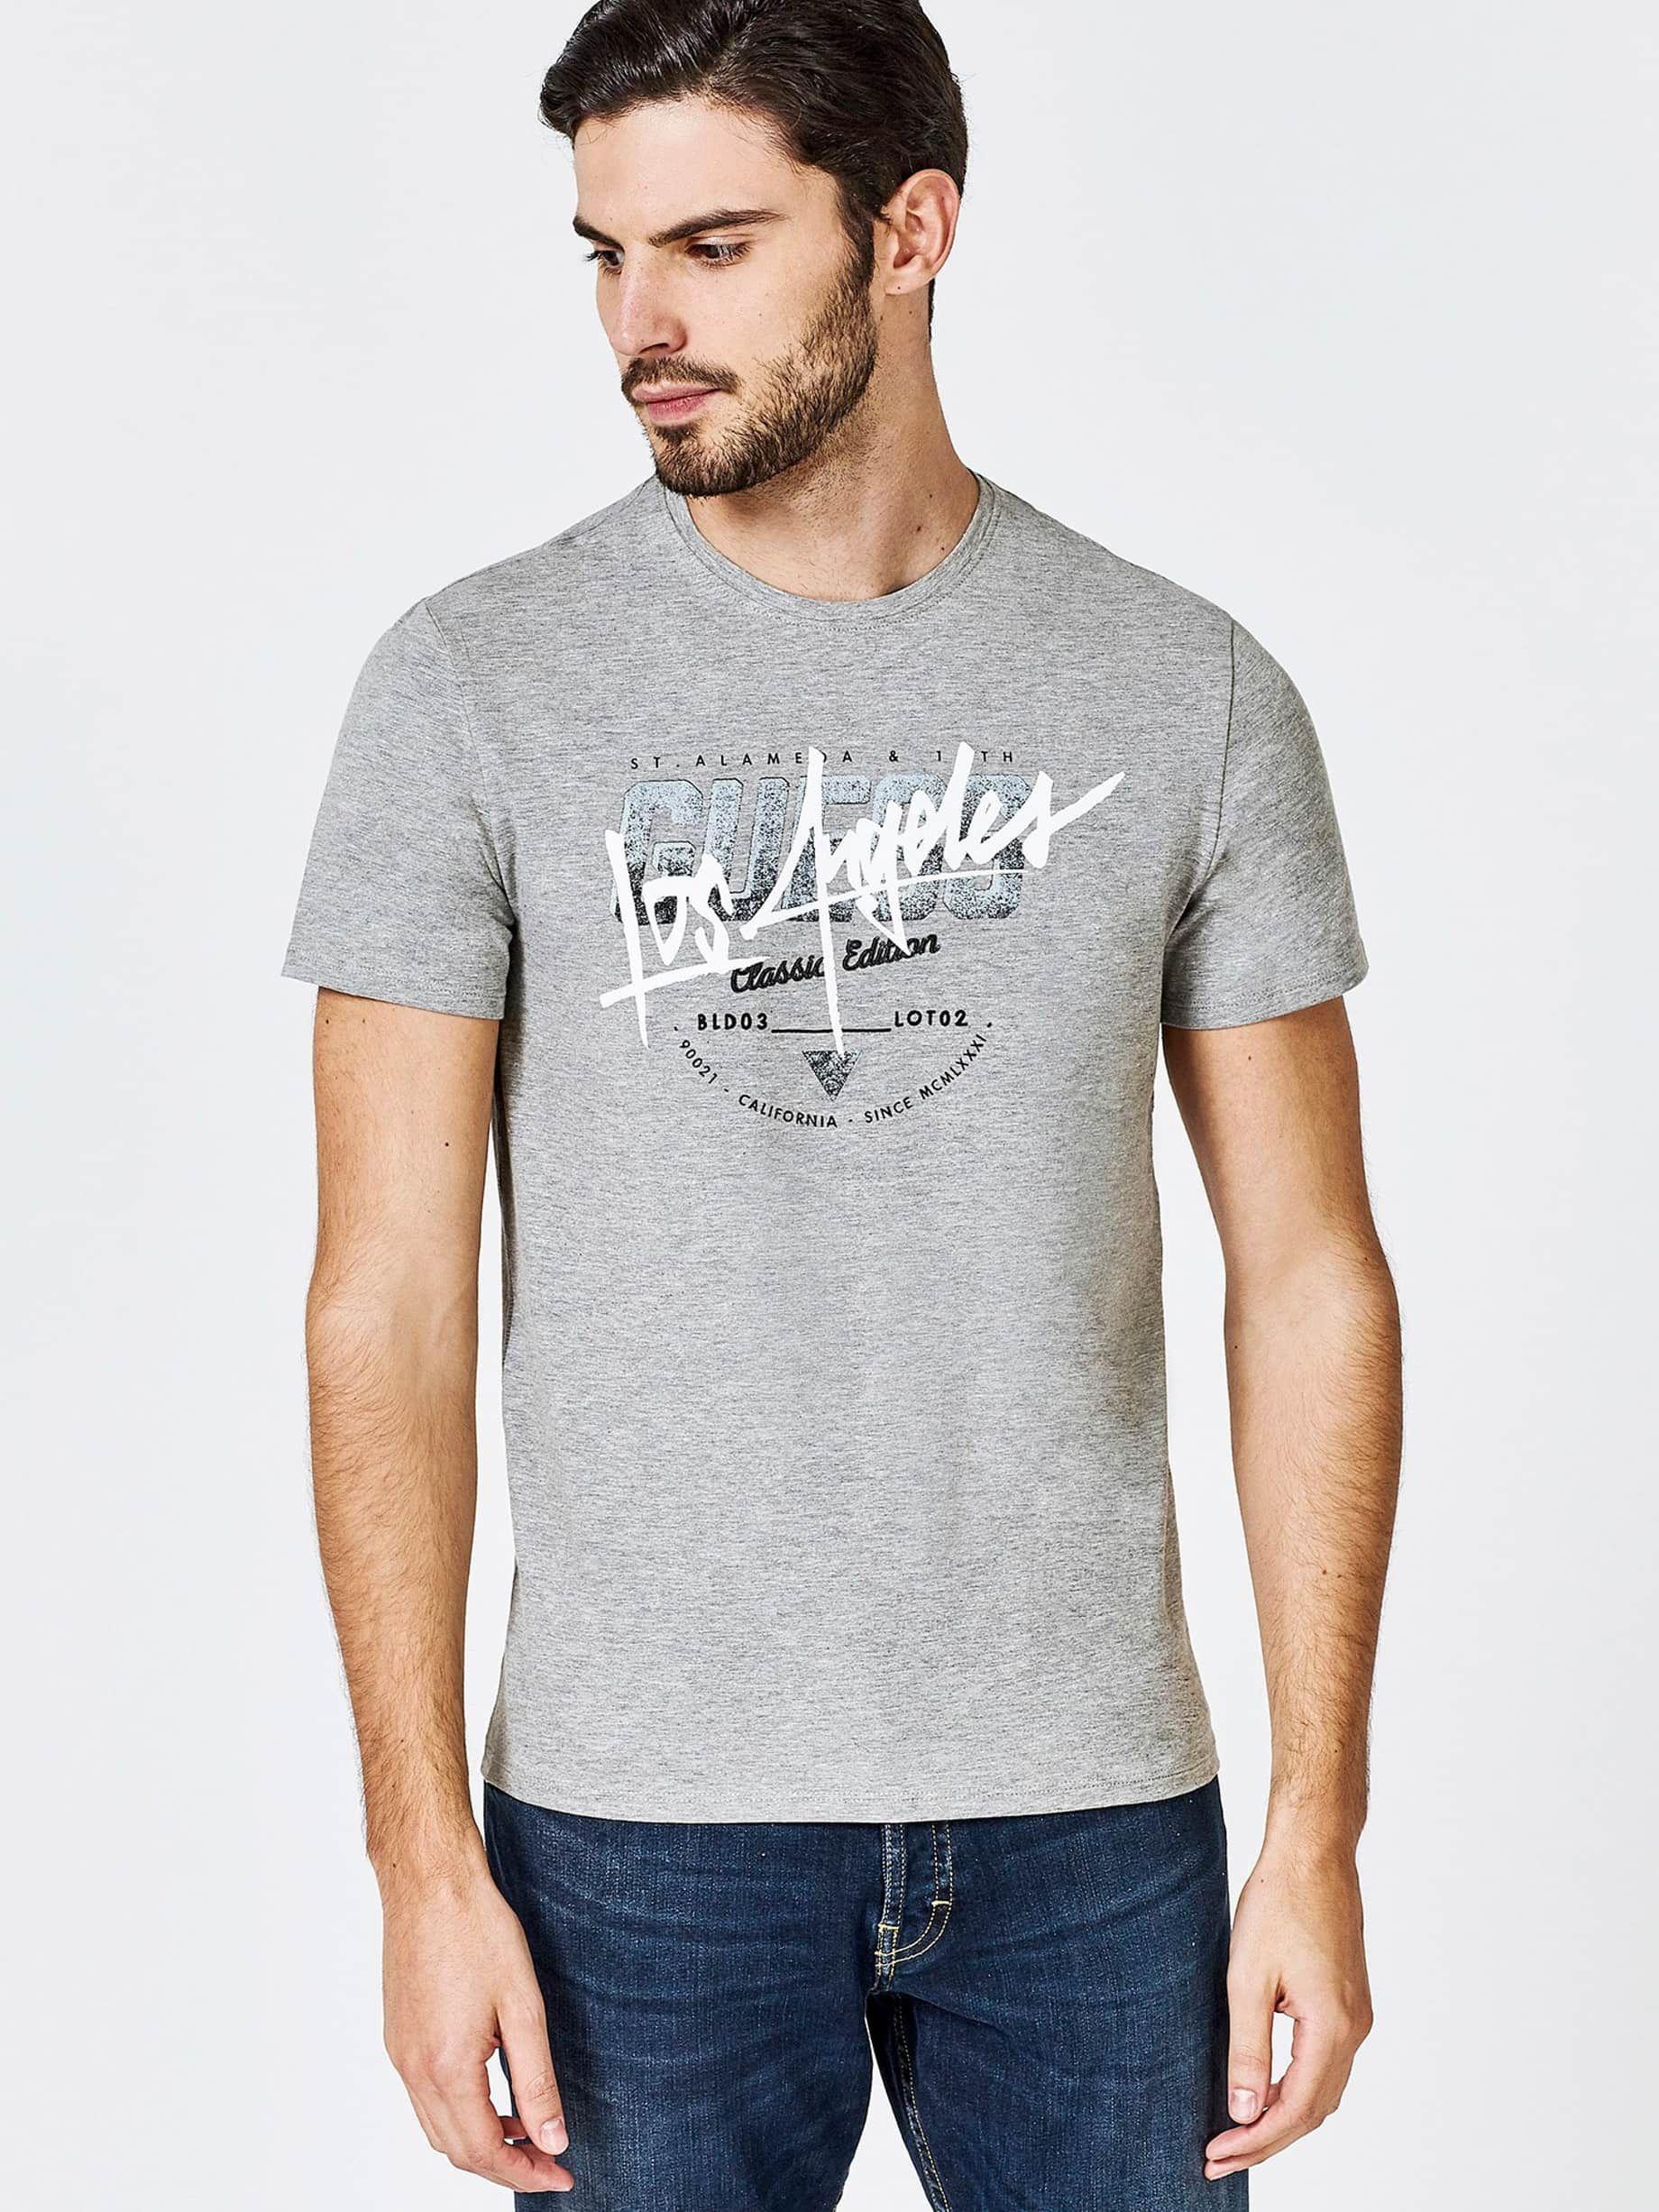 Talla XS Camiseta GUESS manga corta para hombre POR SÓLO 13€